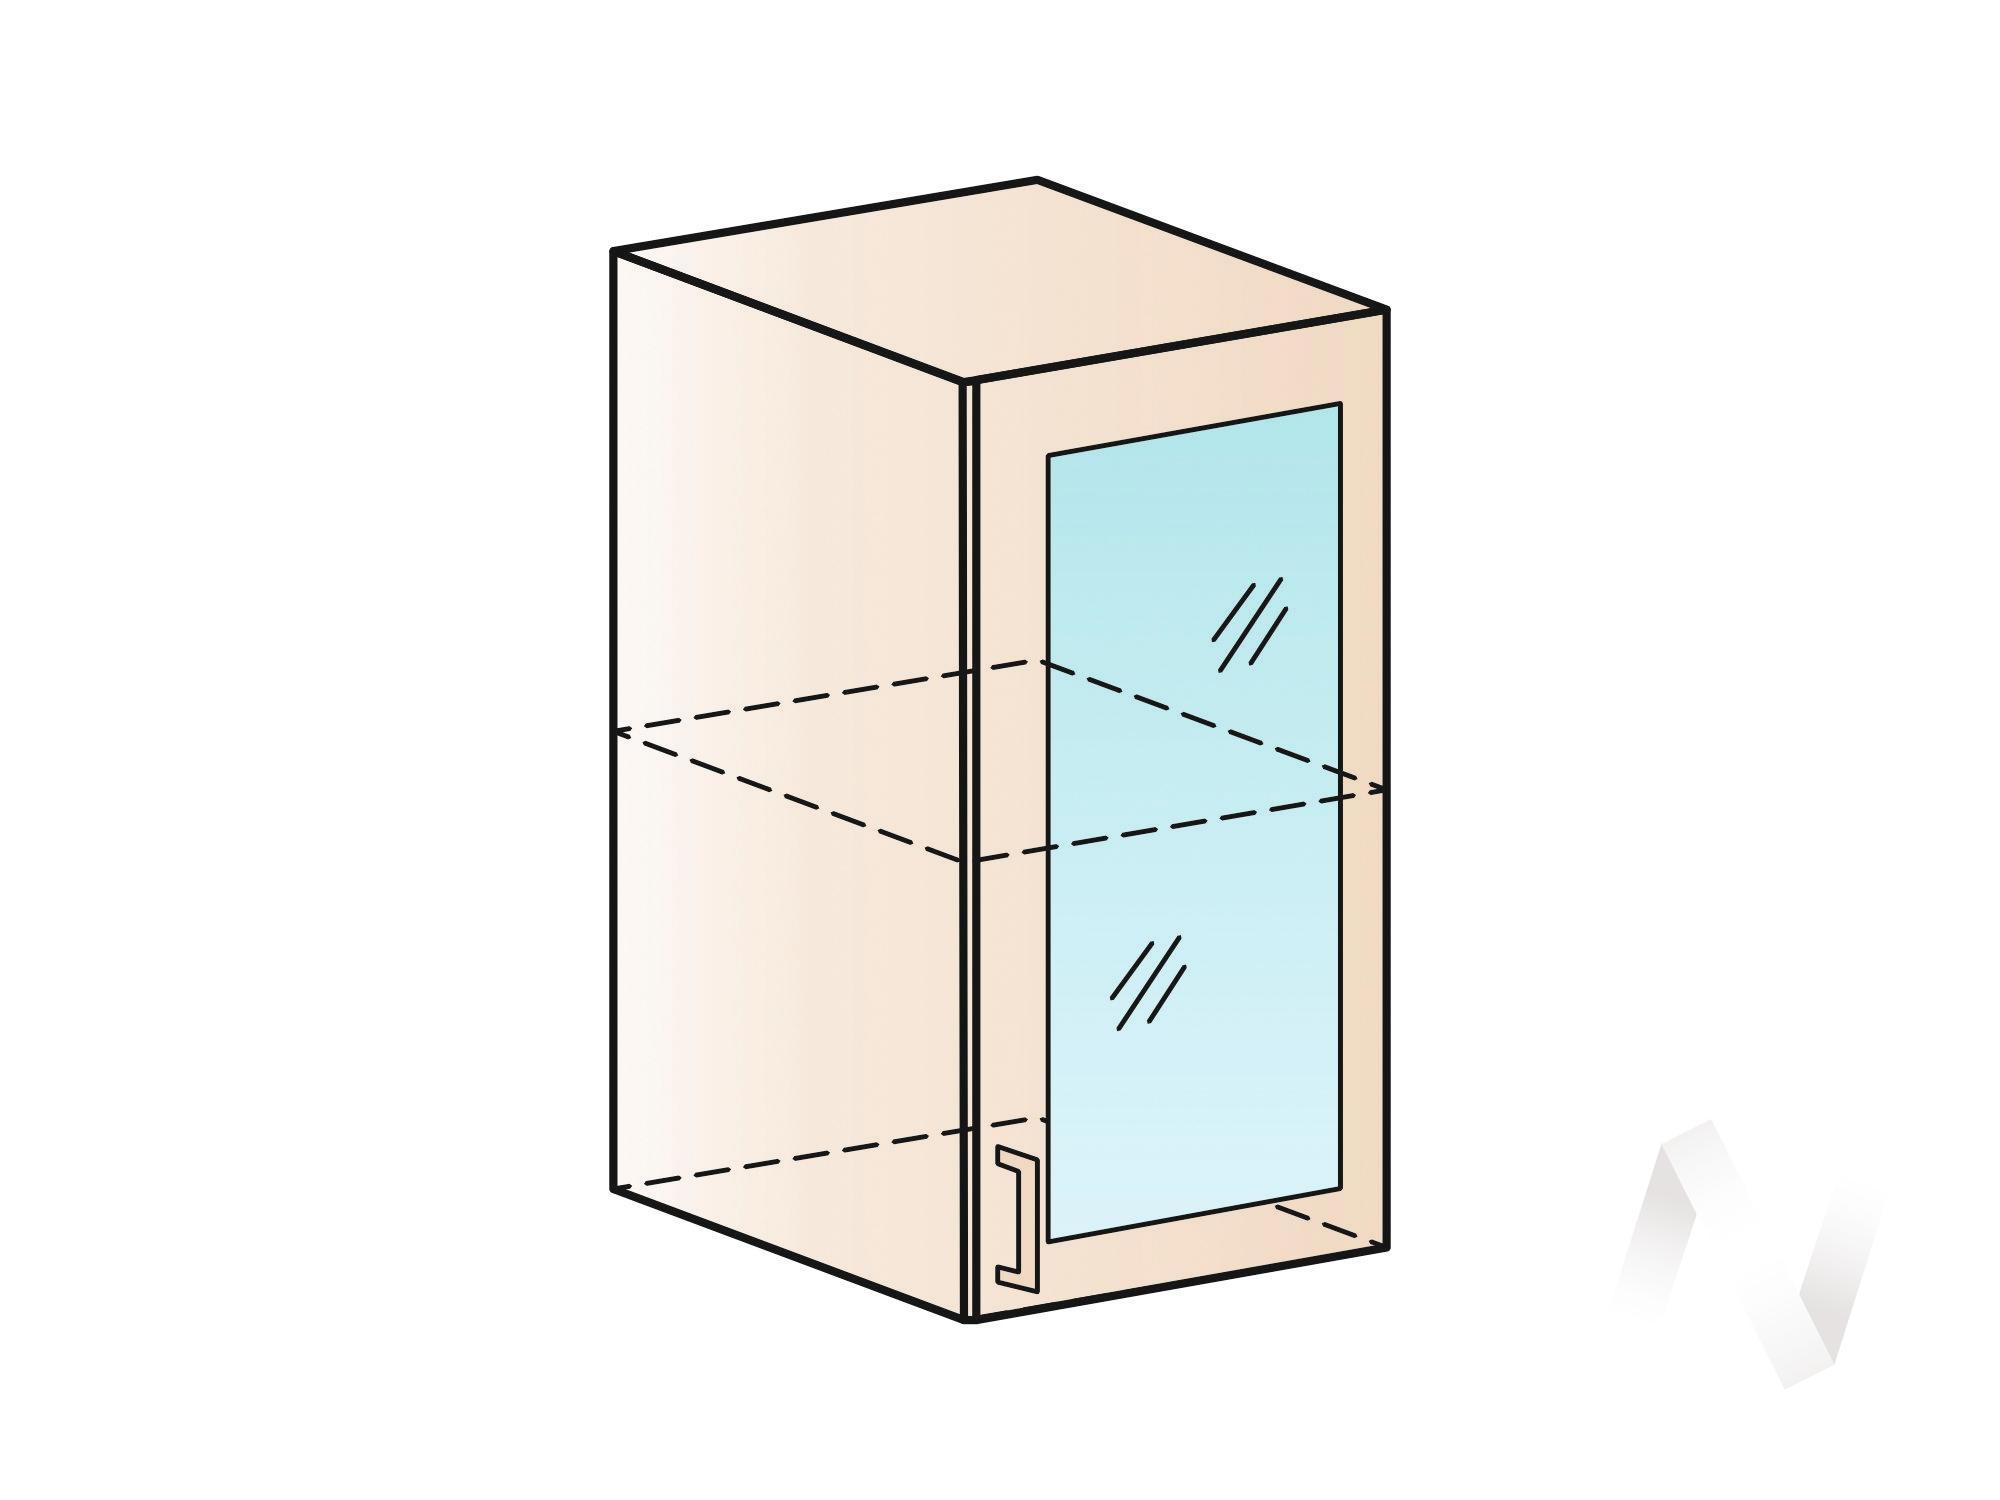 """Кухня """"Люкс"""": Шкаф верхний со стеклом 400, ШВС 400 (Шелк венге/корпус венге) в Томске — авторская мебель Экостиль"""